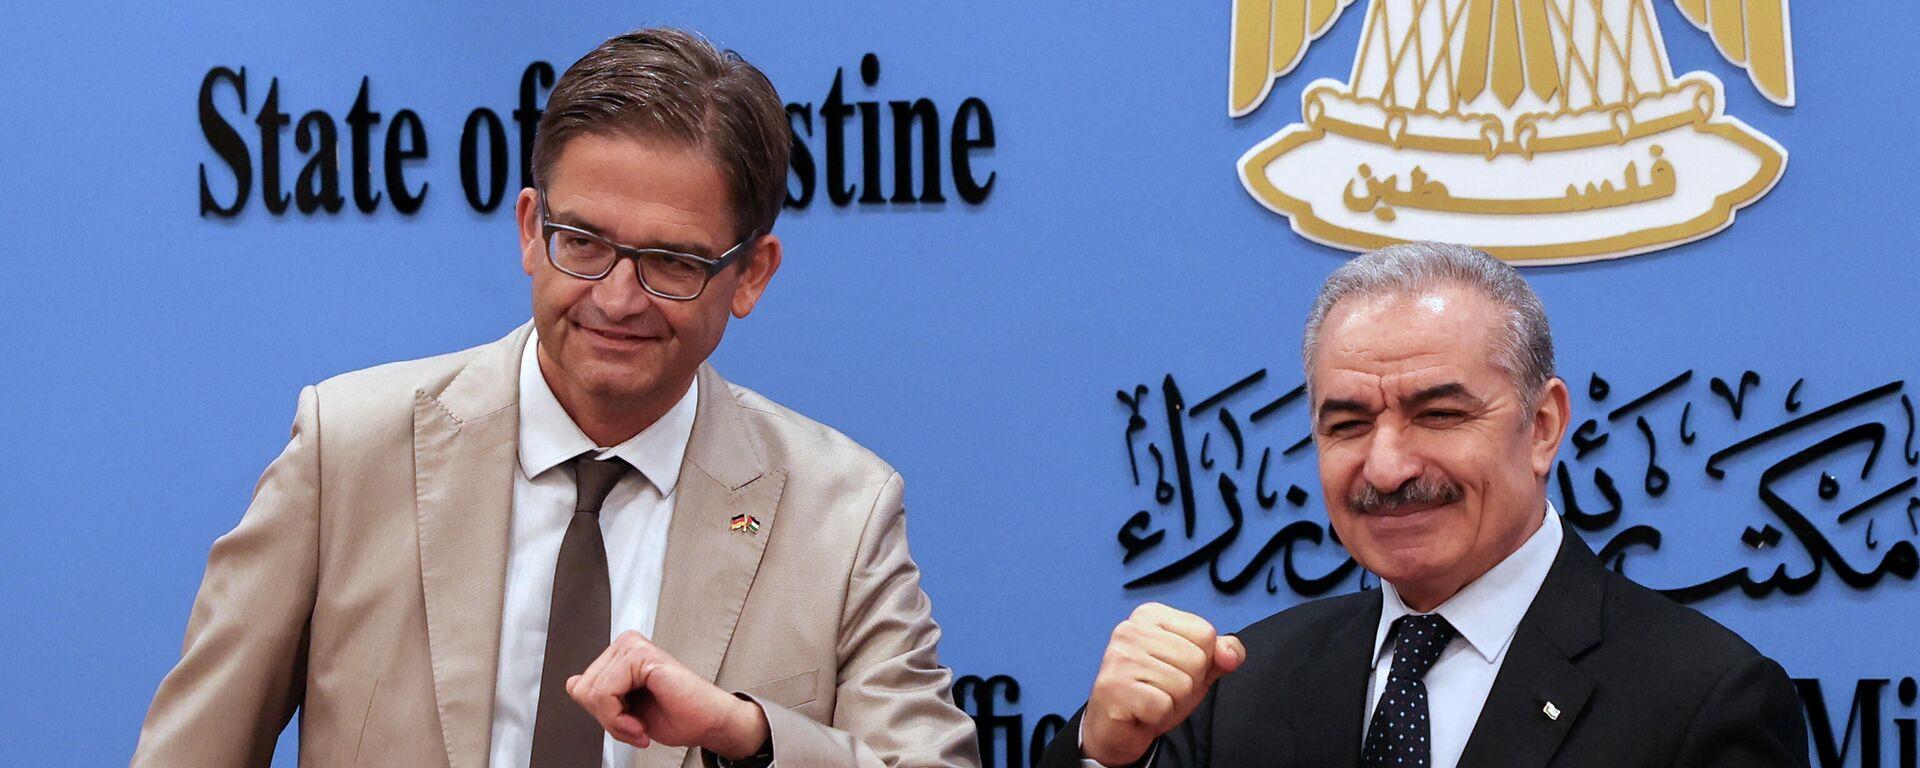 Der Leiter des deutschen Vertretungsbüros in Ramallah, Gesandter Oliver Owcza und der Ministerpräsident Mohammed Schtaje von der Autonomiebehörde in Ramallah im Westjordanland  - SNA, 1920, 15.09.2021